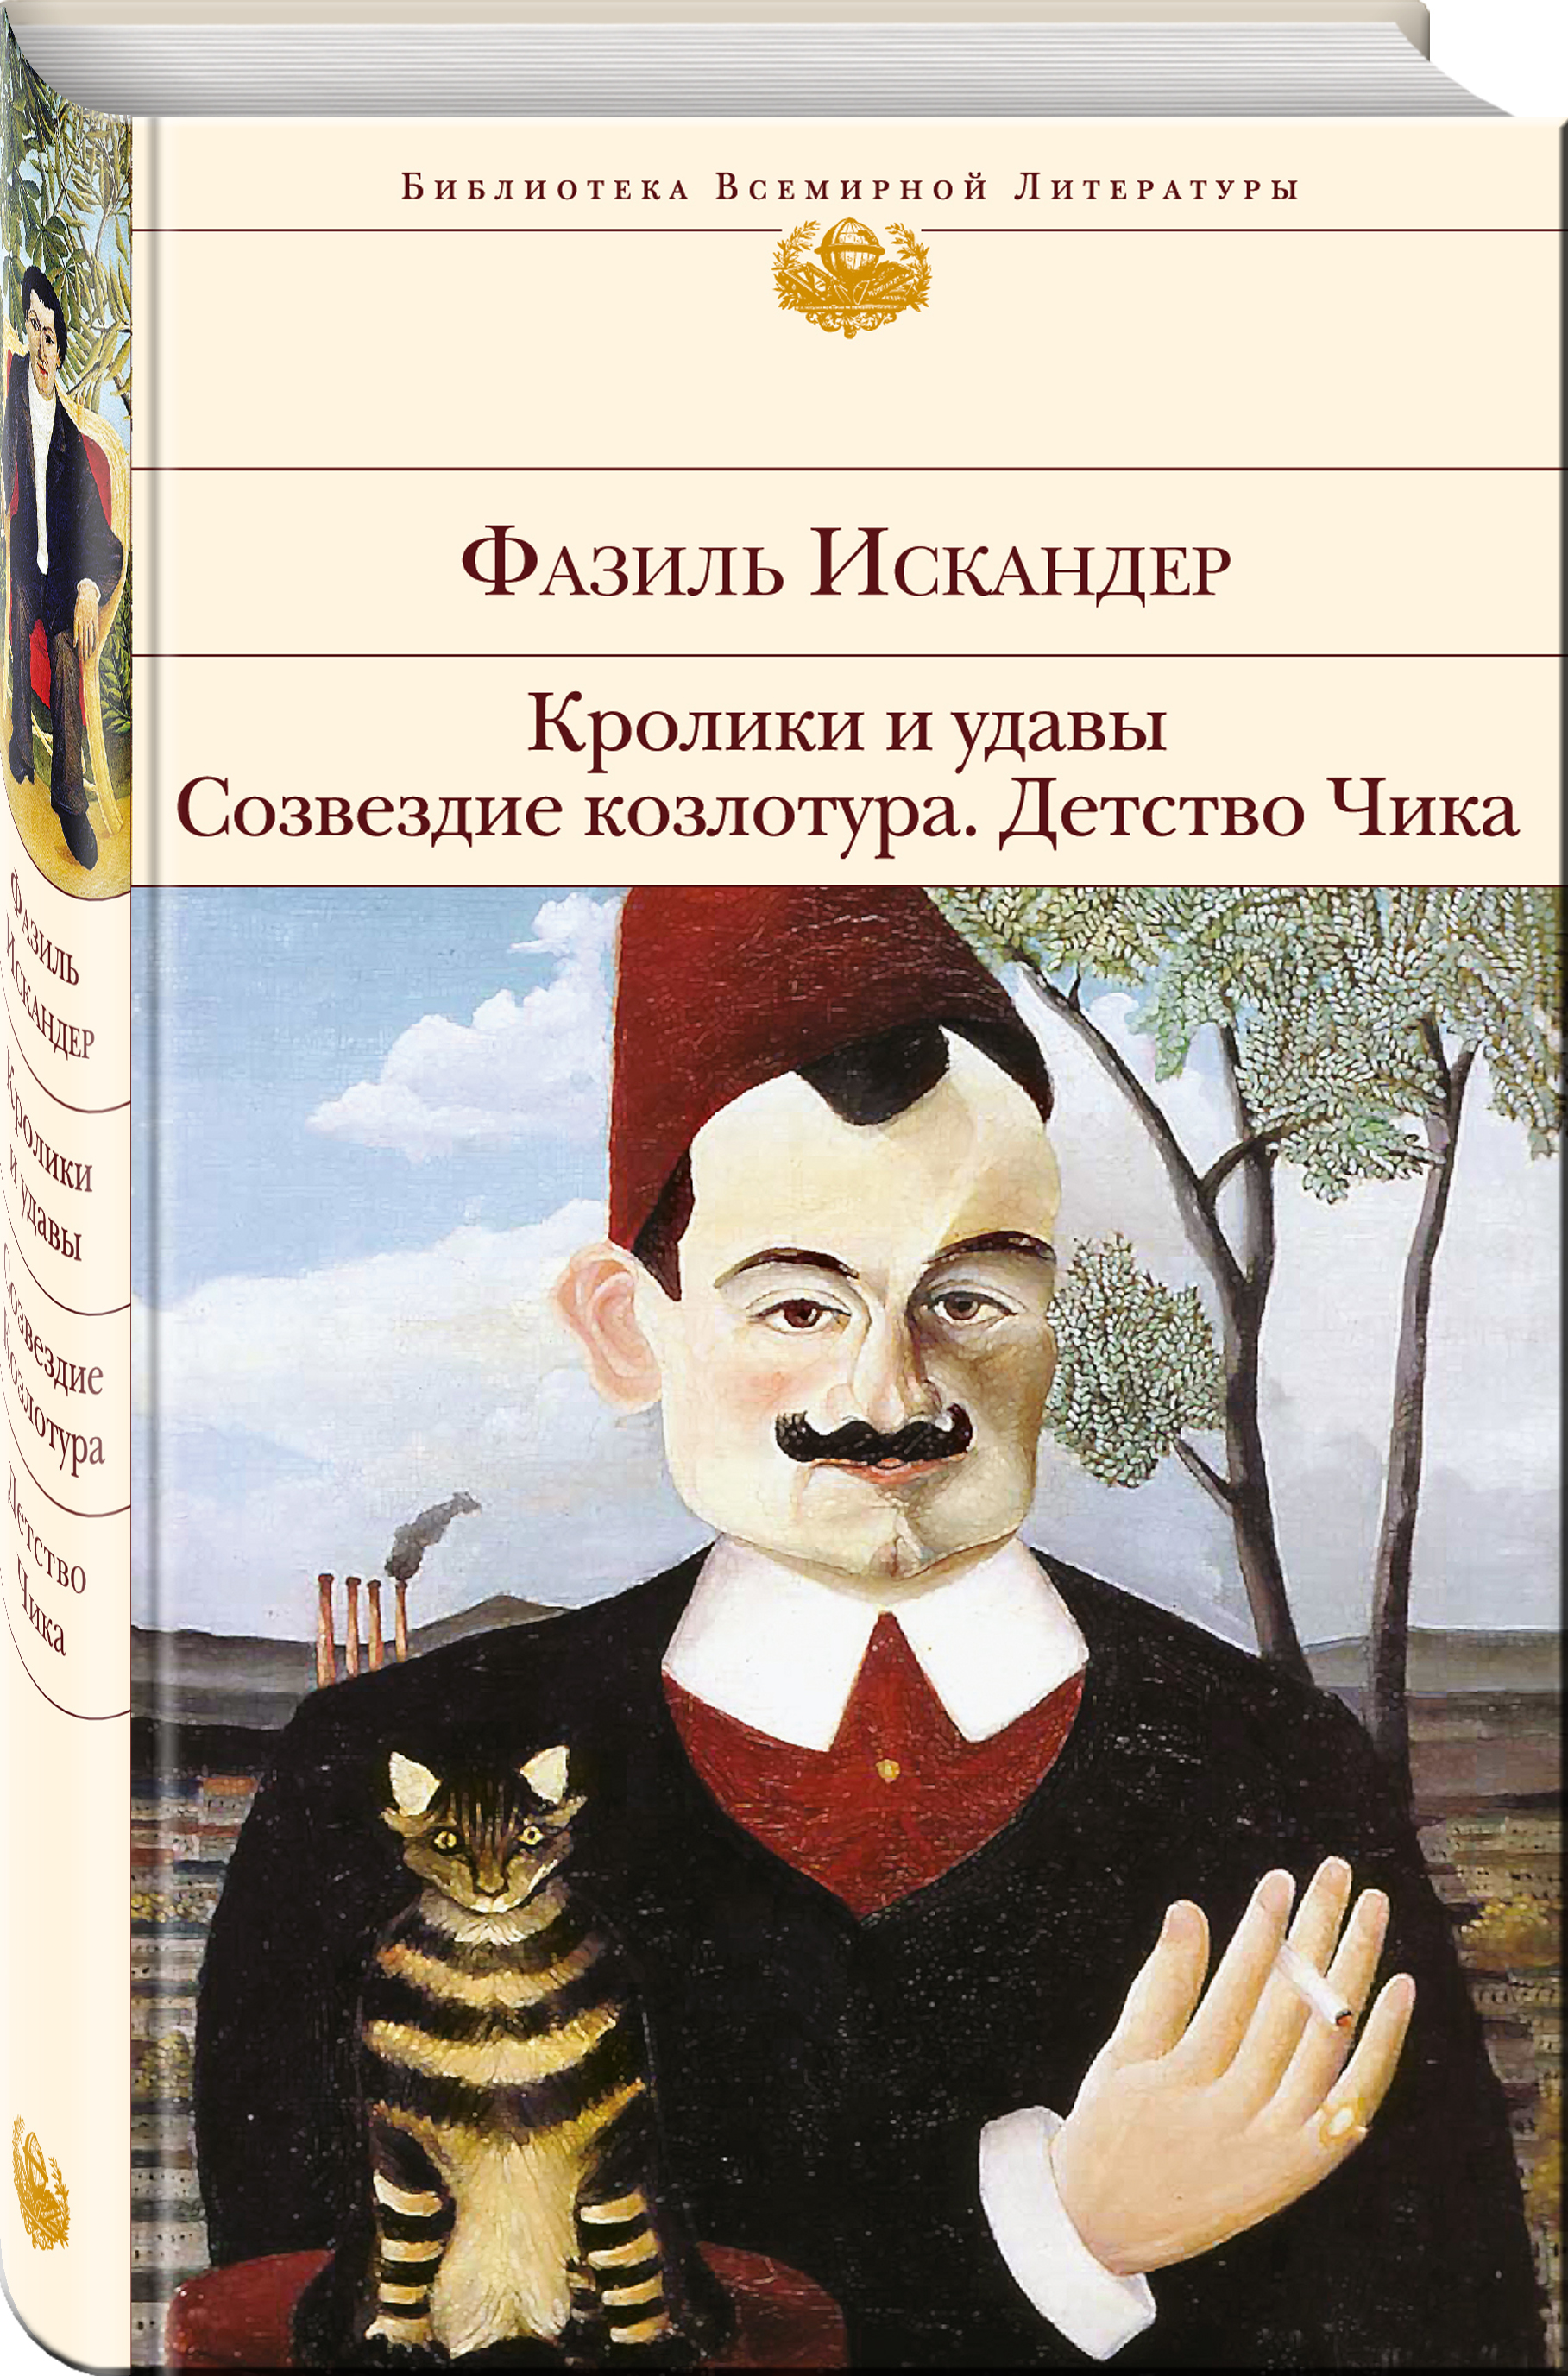 Искандер Ф.А. Кролики и удавы. Созвездие Козлотура. Детство Чика